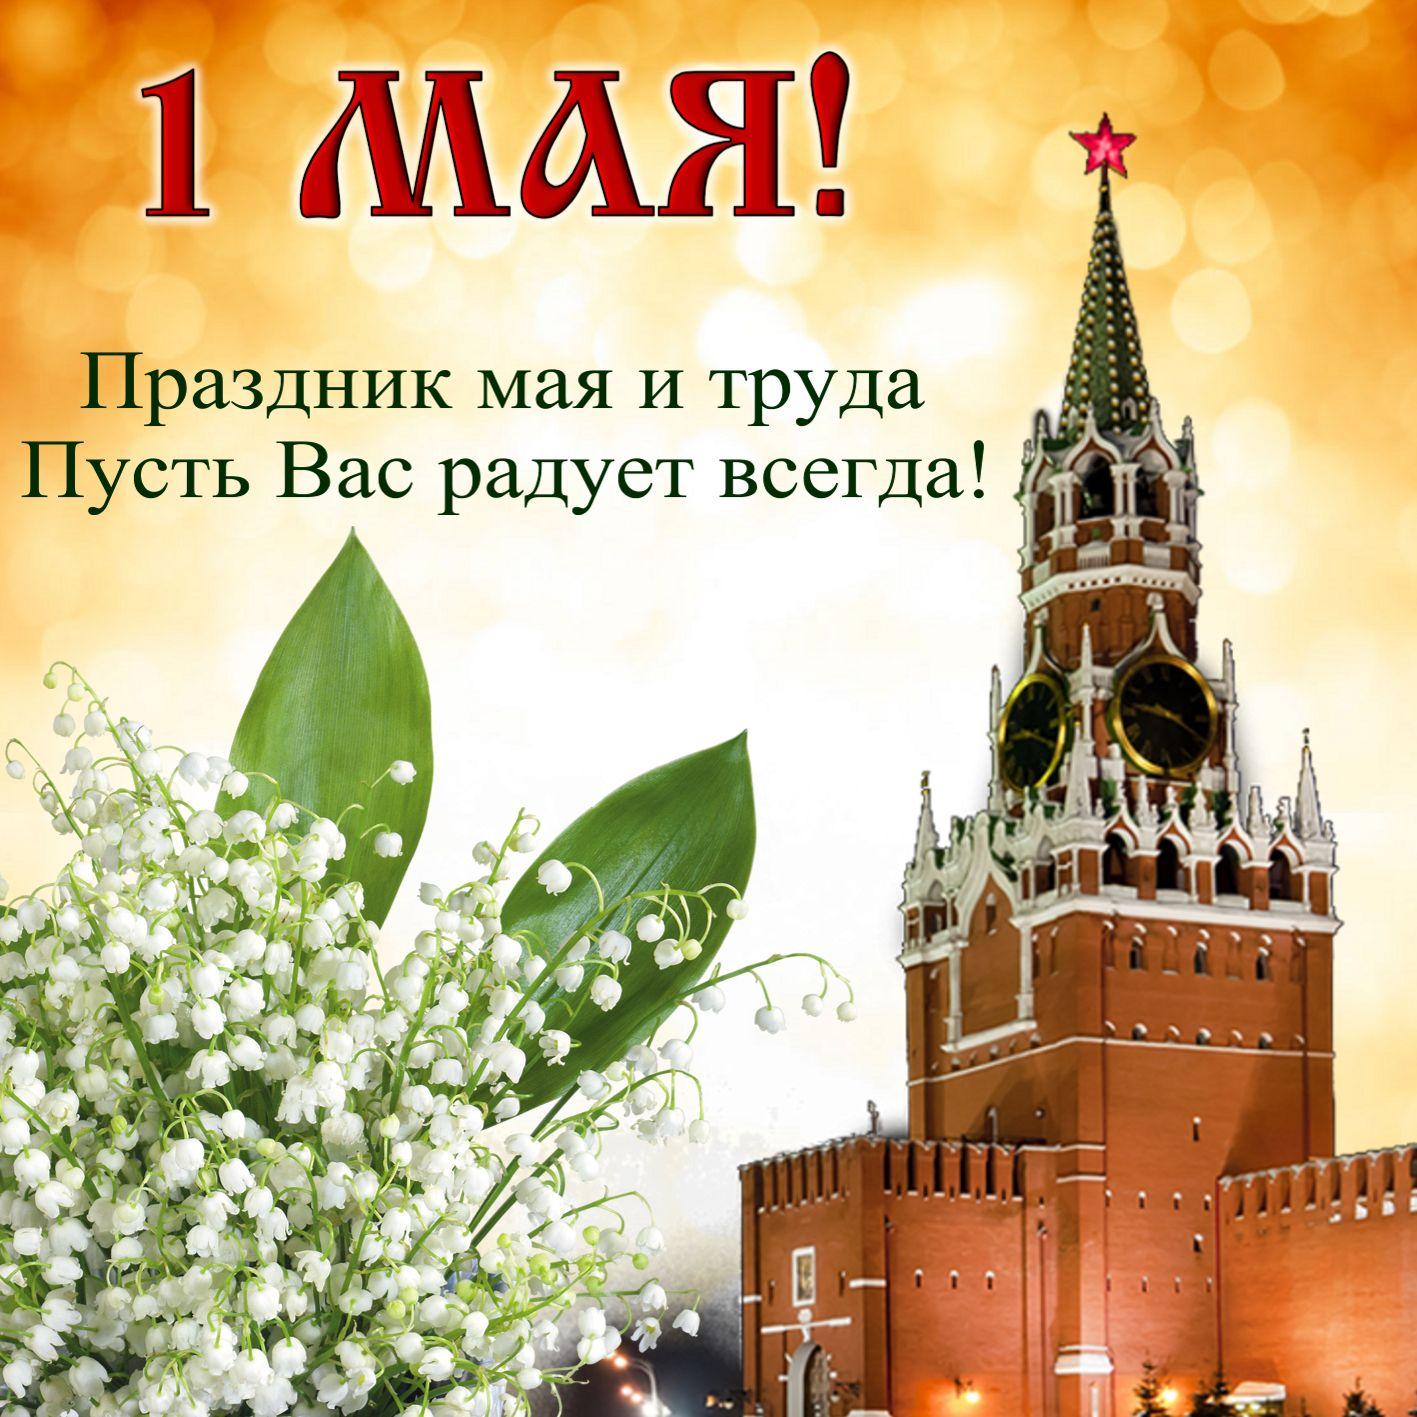 Целовашки прикольные, поздравить с праздником 1 мая картинки